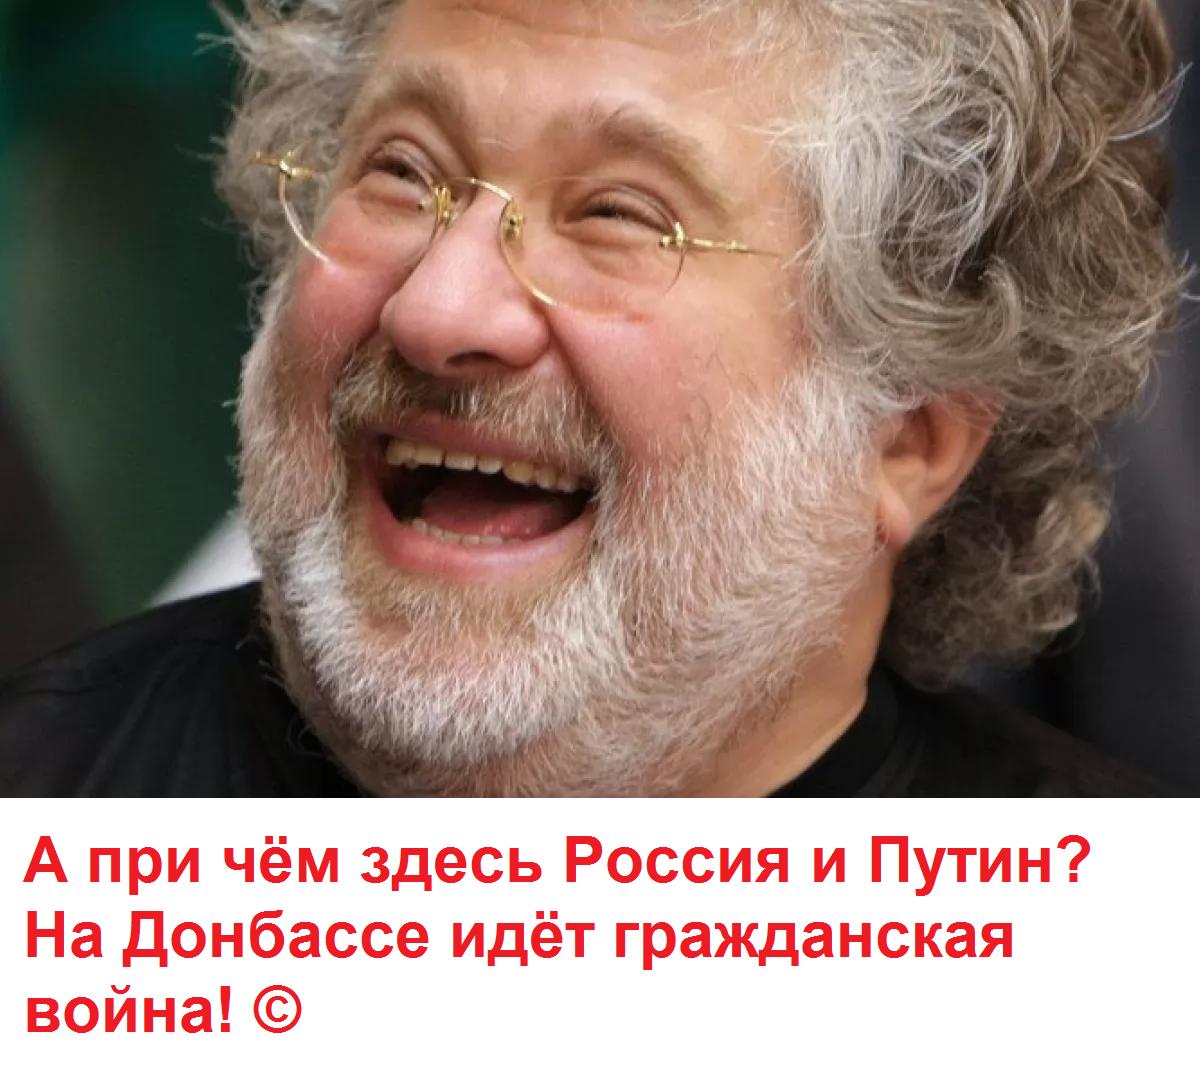 Разумков: Швидко закінчити війну на Донбасі не вийде - Цензор.НЕТ 9114